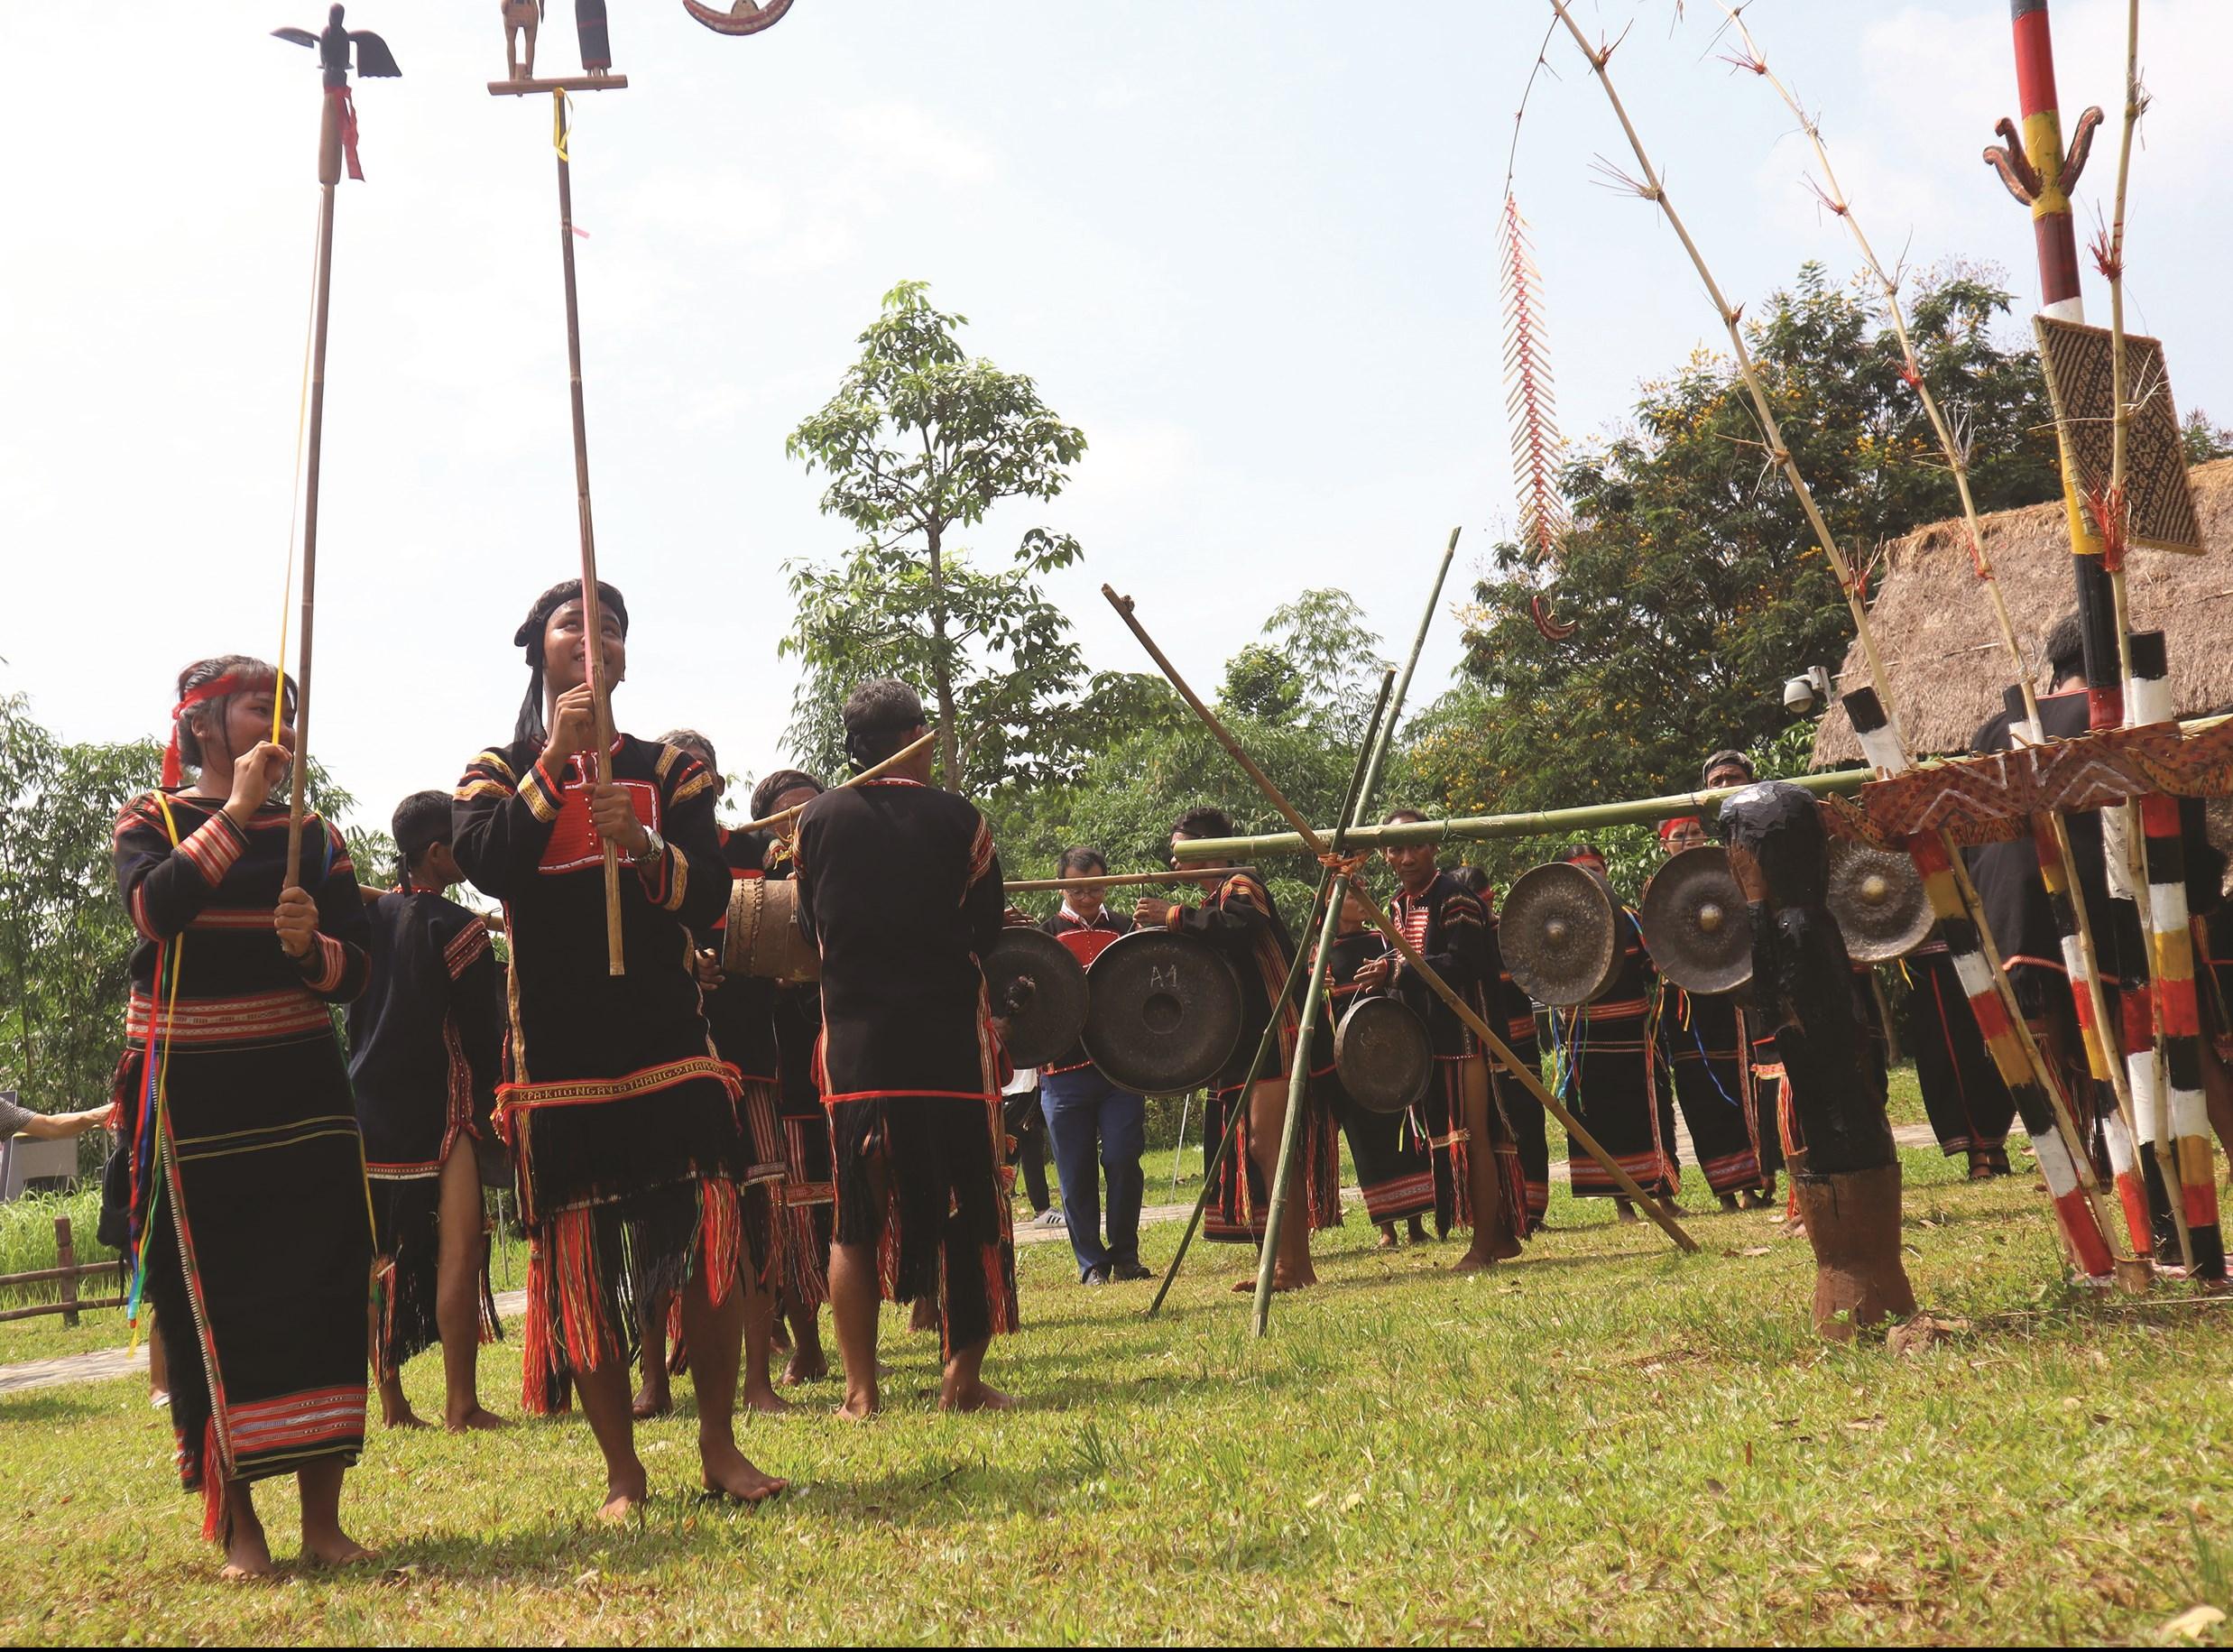 Kết thúc Lễ cúng cả làng cùng nhau múa hát trong sân nhà Rông.